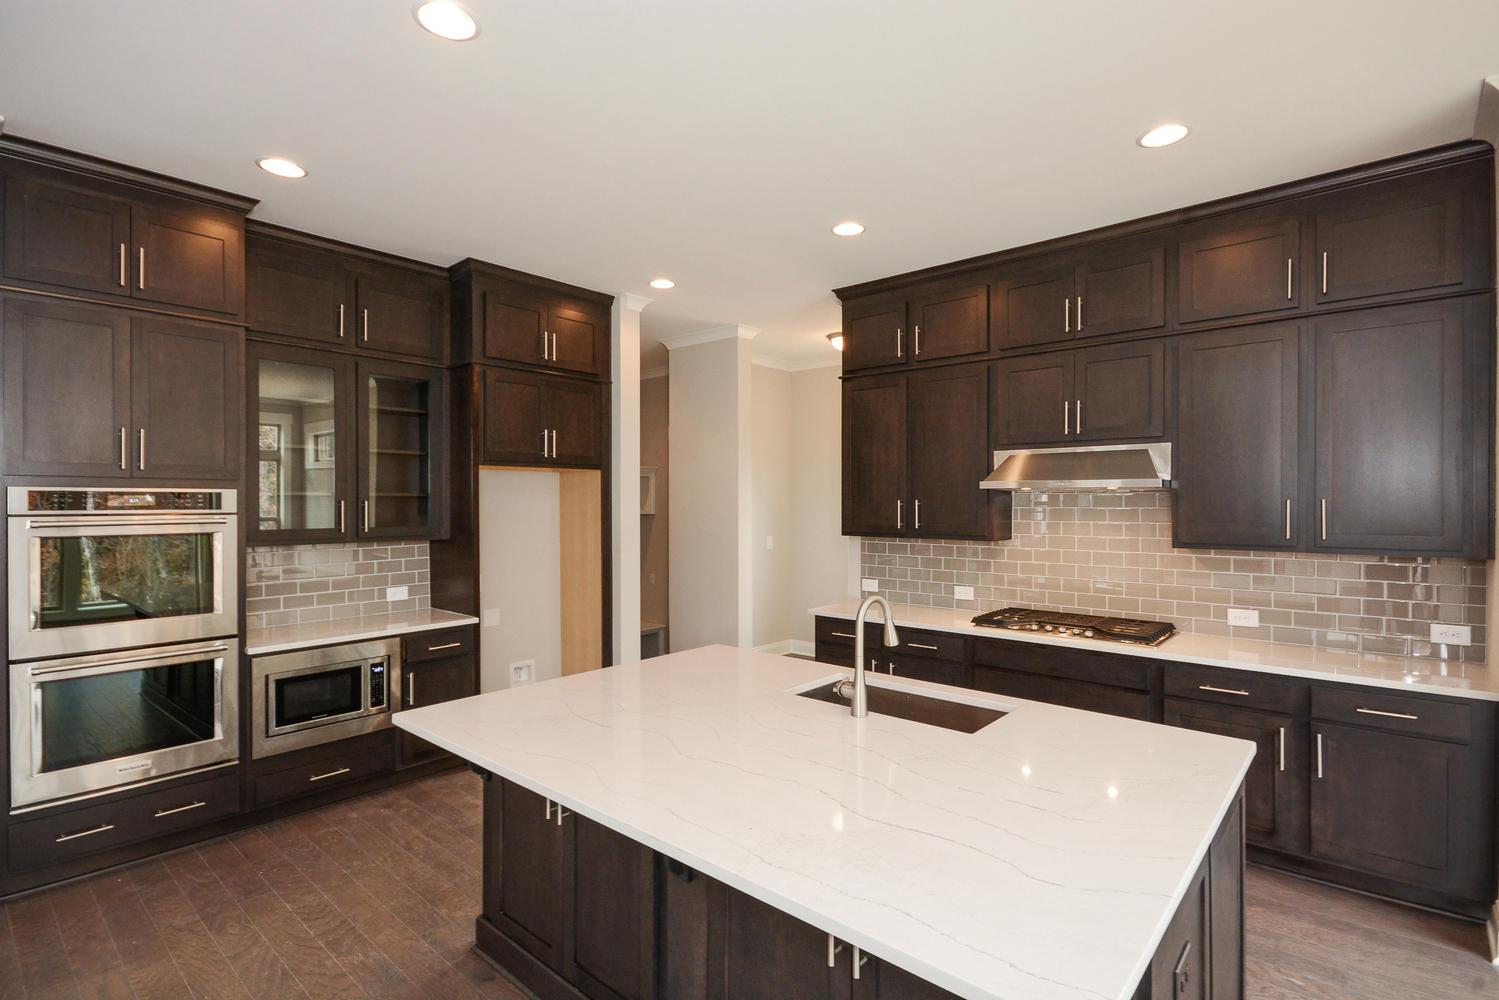 Dunes West Homes For Sale - 2949 Minnow, Mount Pleasant, SC - 16